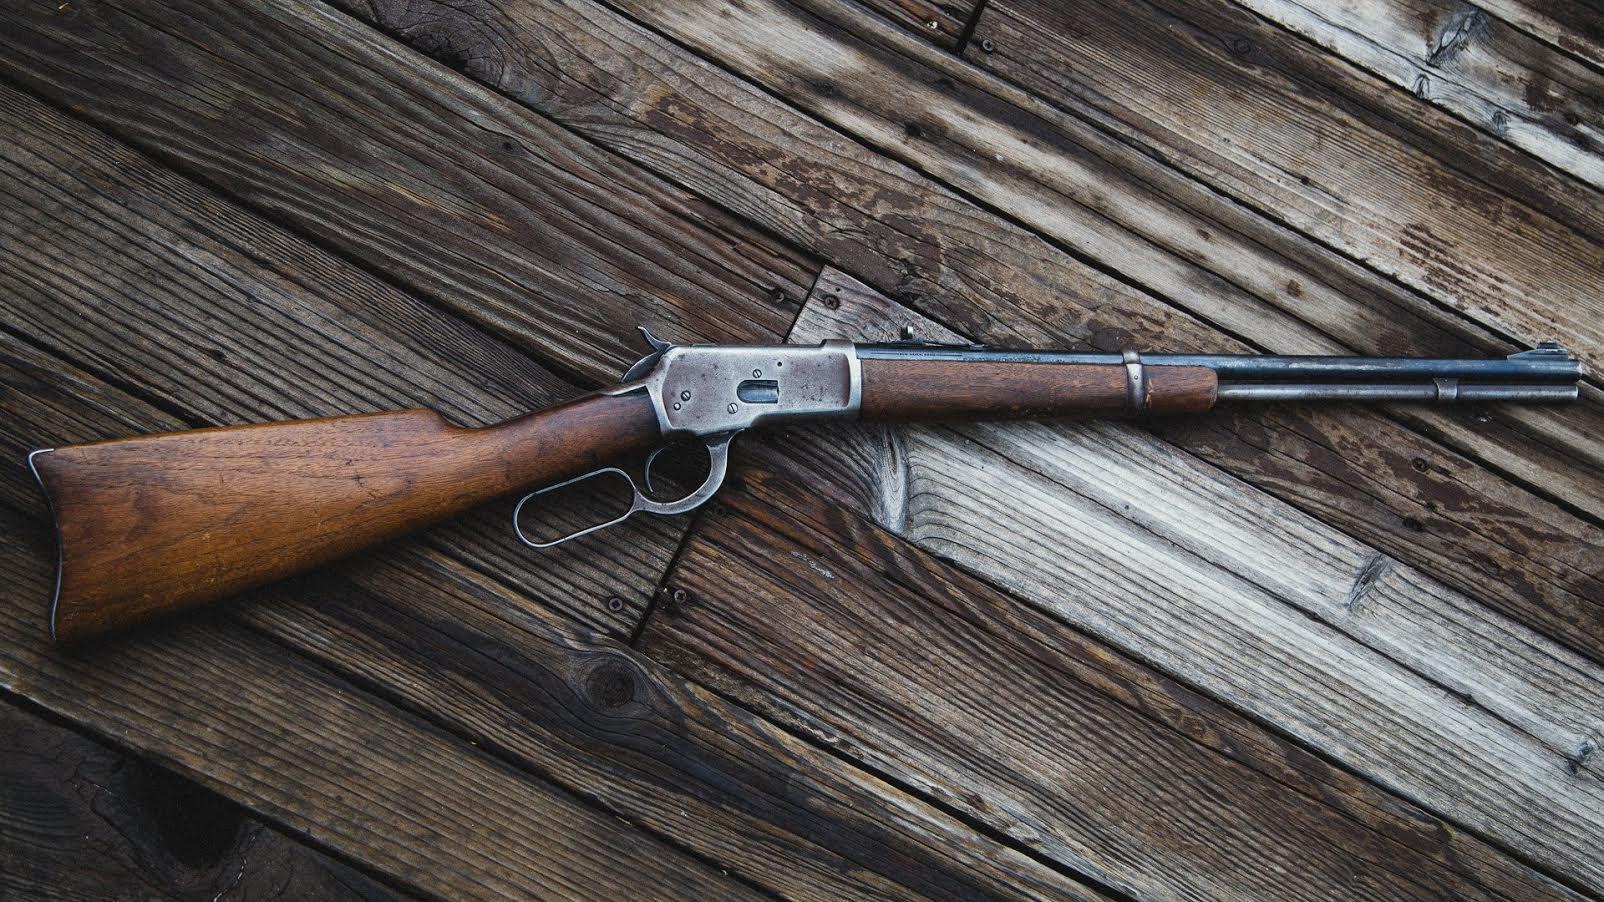 Росгвардия предлагает сдать оружие за вознаграждение